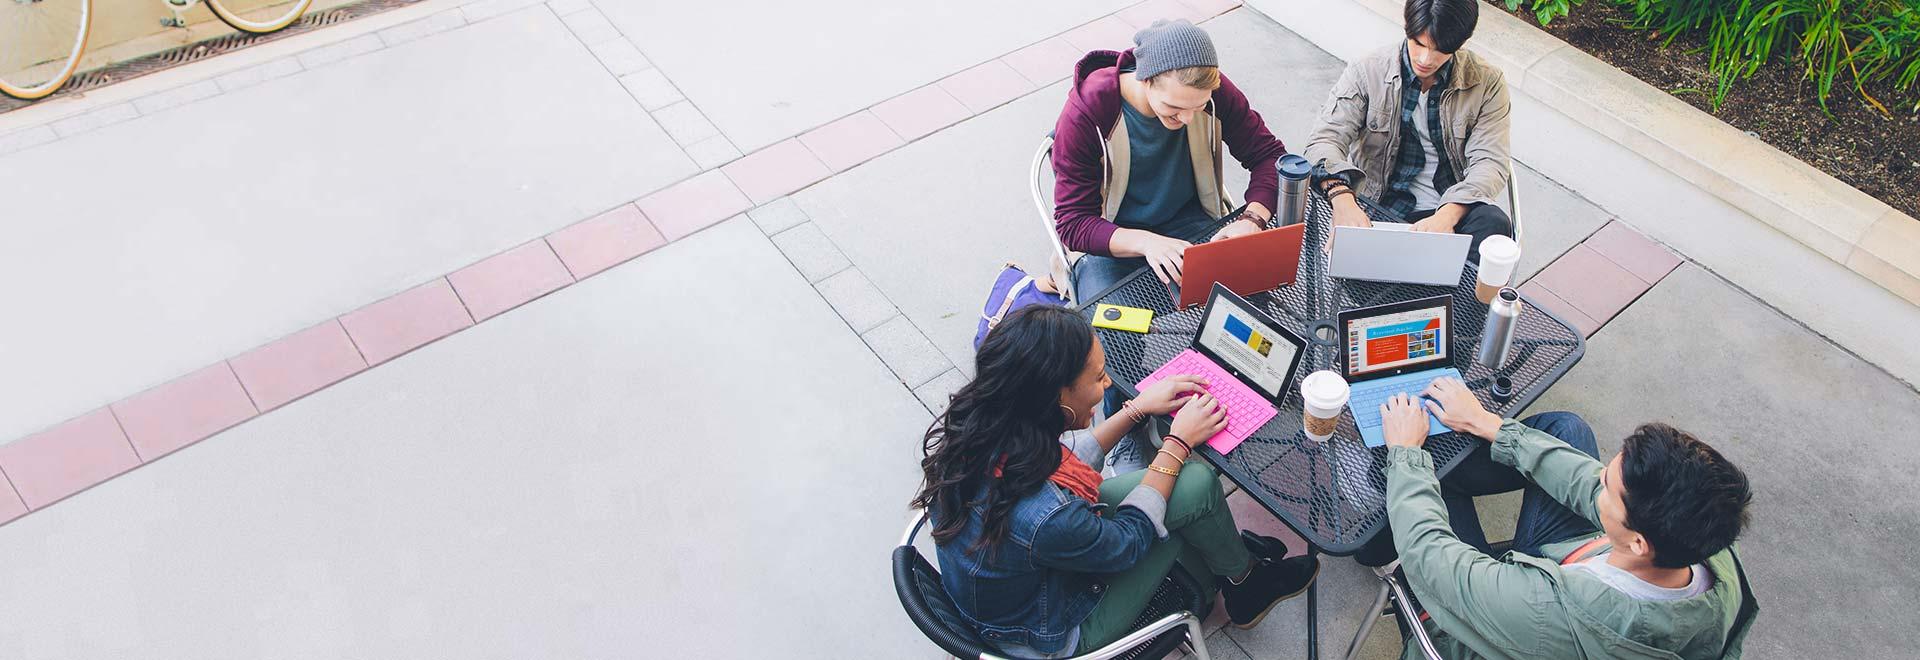 Fire studerende, der sidder ved et bord og bruger Office 365 til uddannelse på tablets.